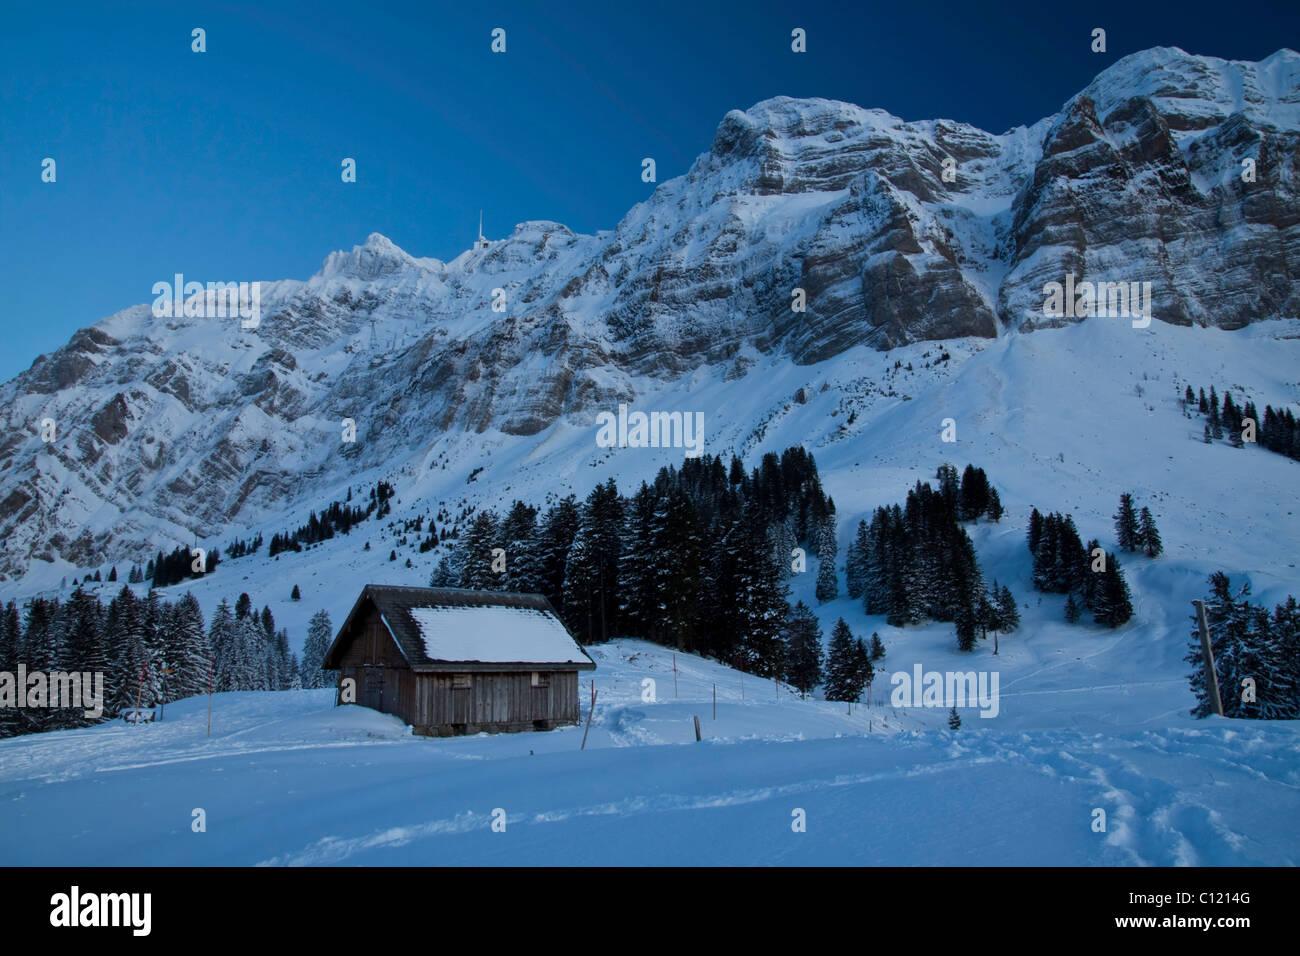 Säntis-Berg mit Bergstation kurz nach Sonnenuntergang, Alpsteingebirge Berge, Kanton Appenzell Ausserrhoden Stockbild